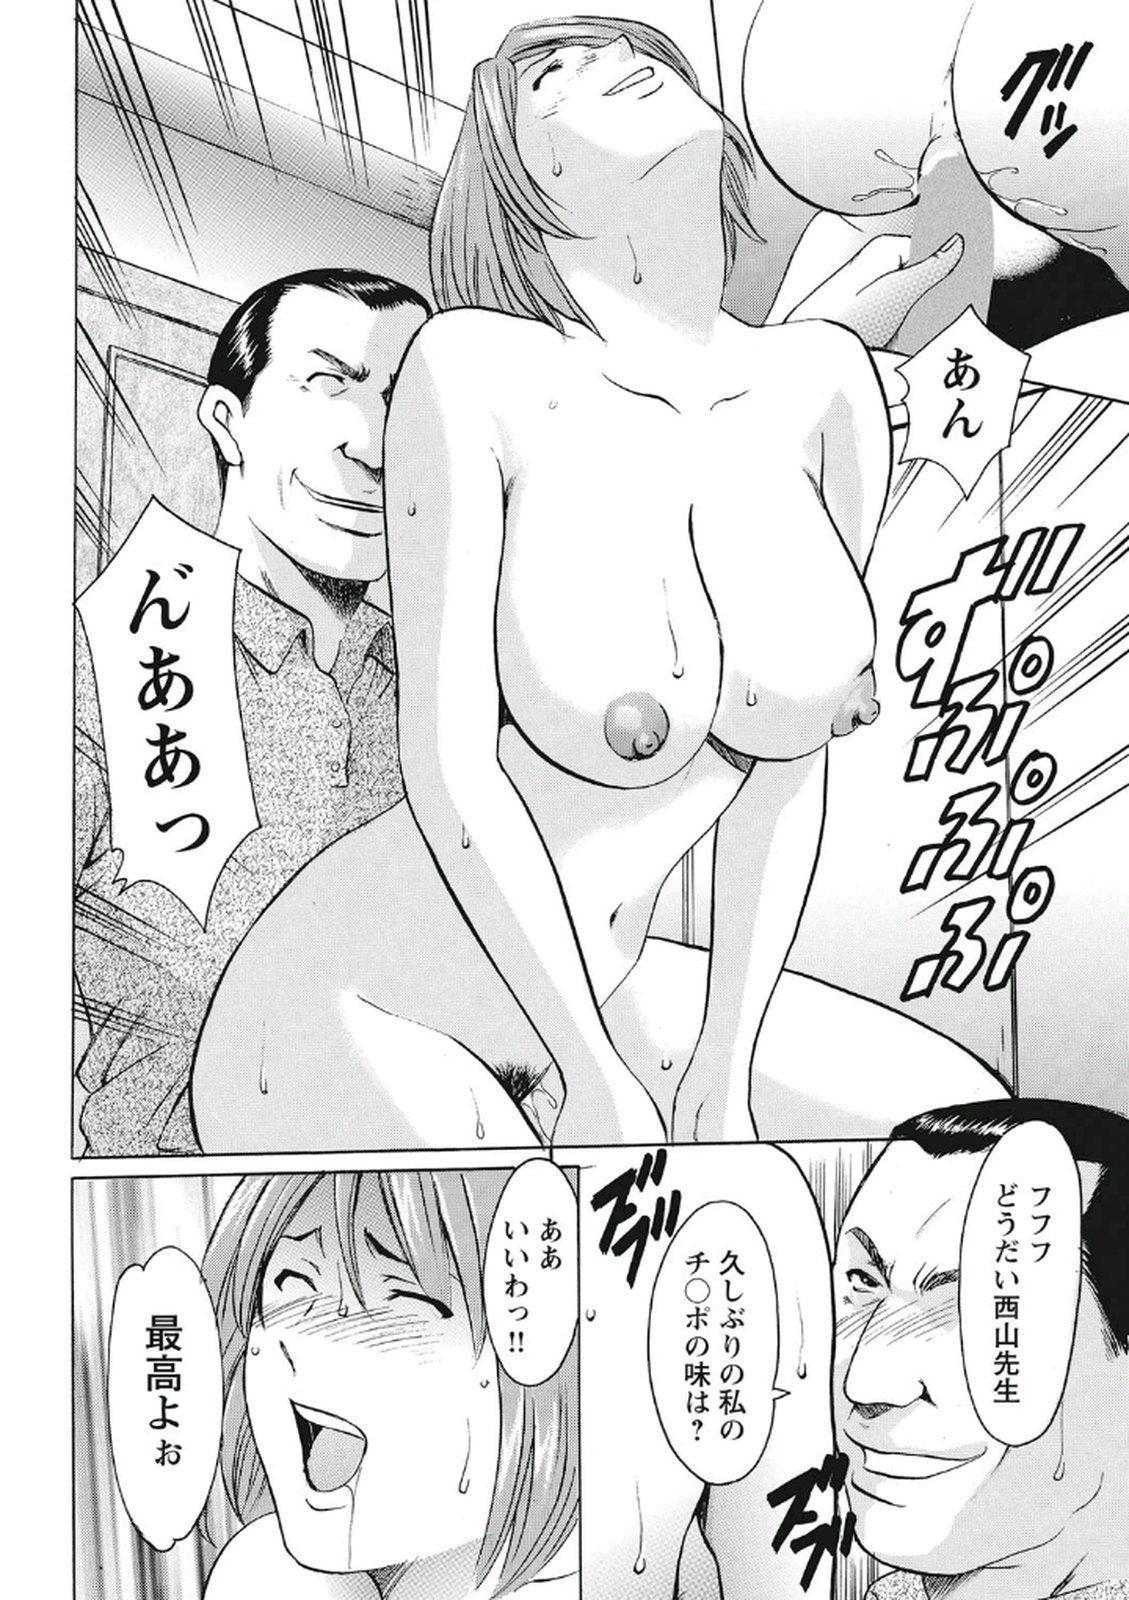 Chijoku Byoutou 79